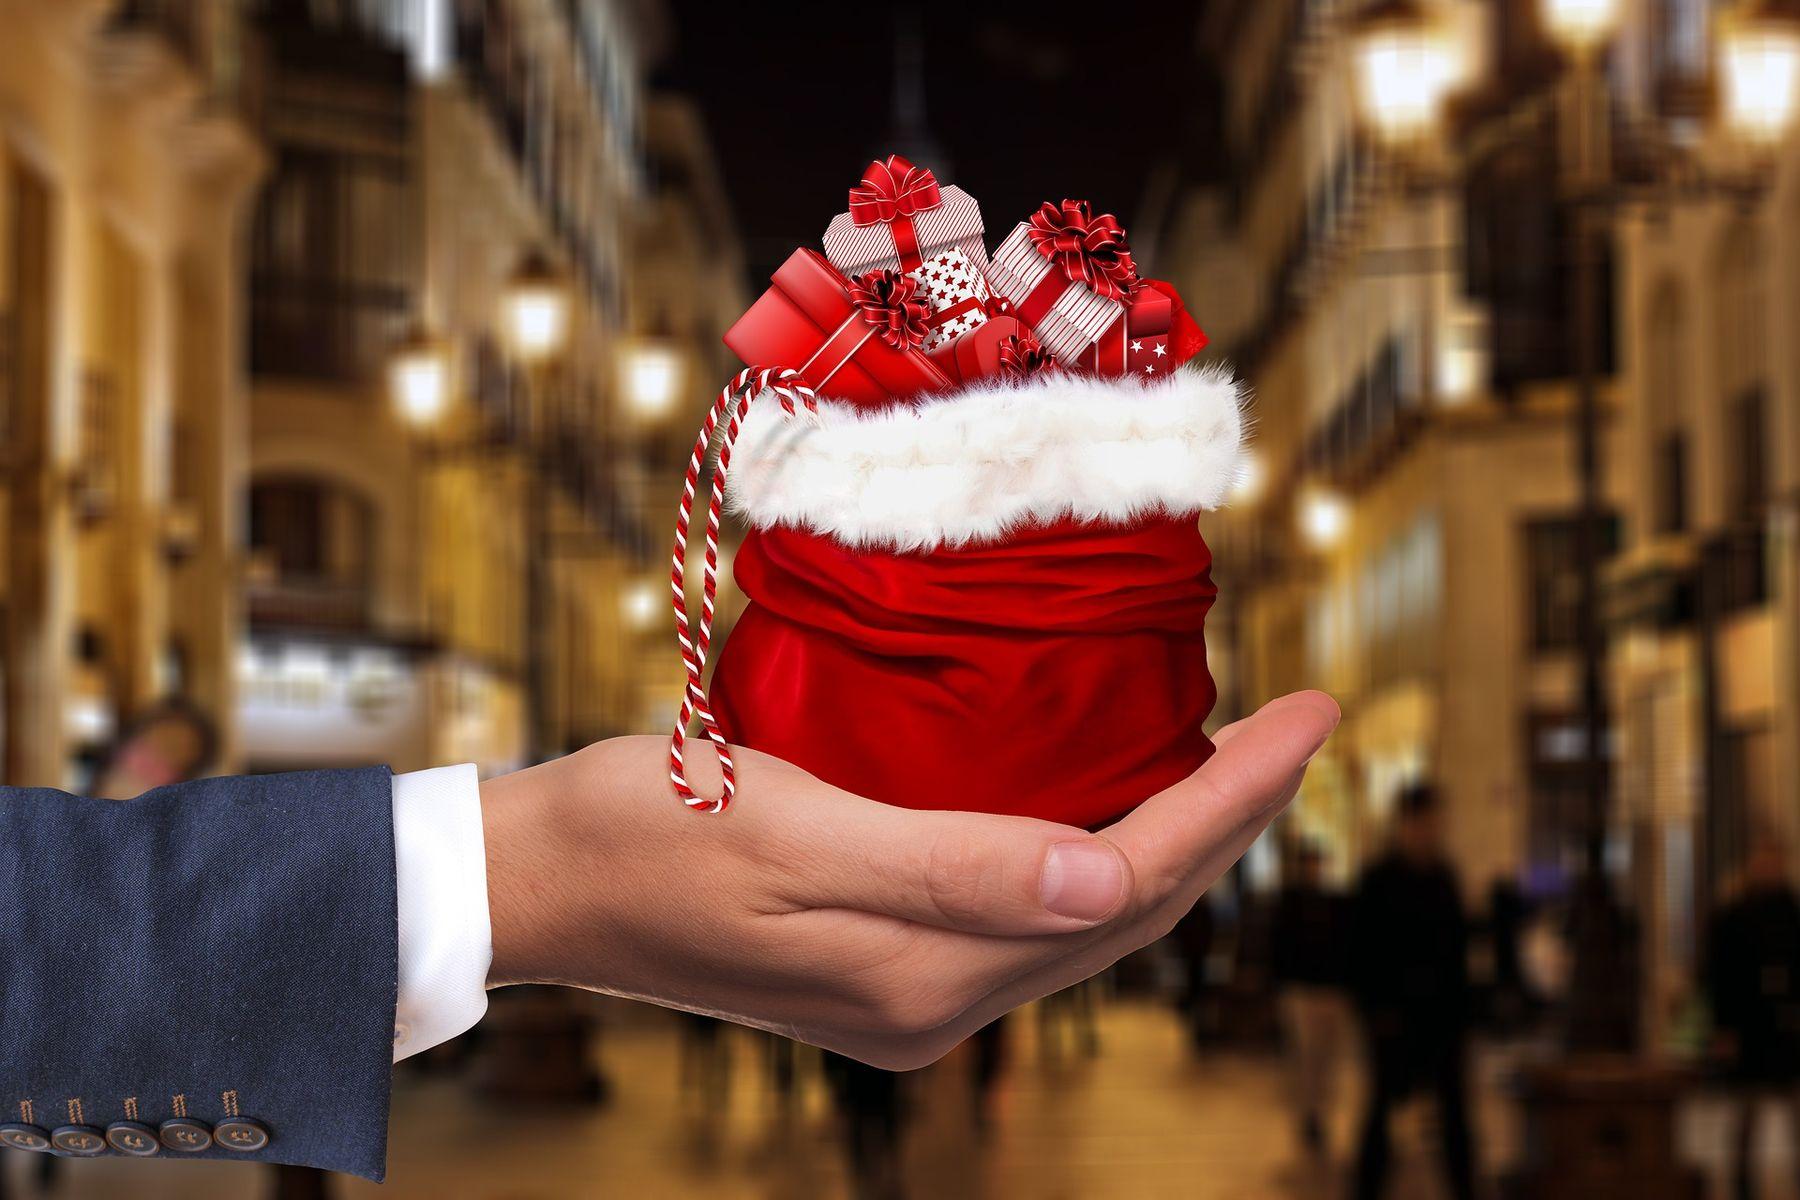 Tschechen an Weihnachten spendierfreudig | Radio Prag